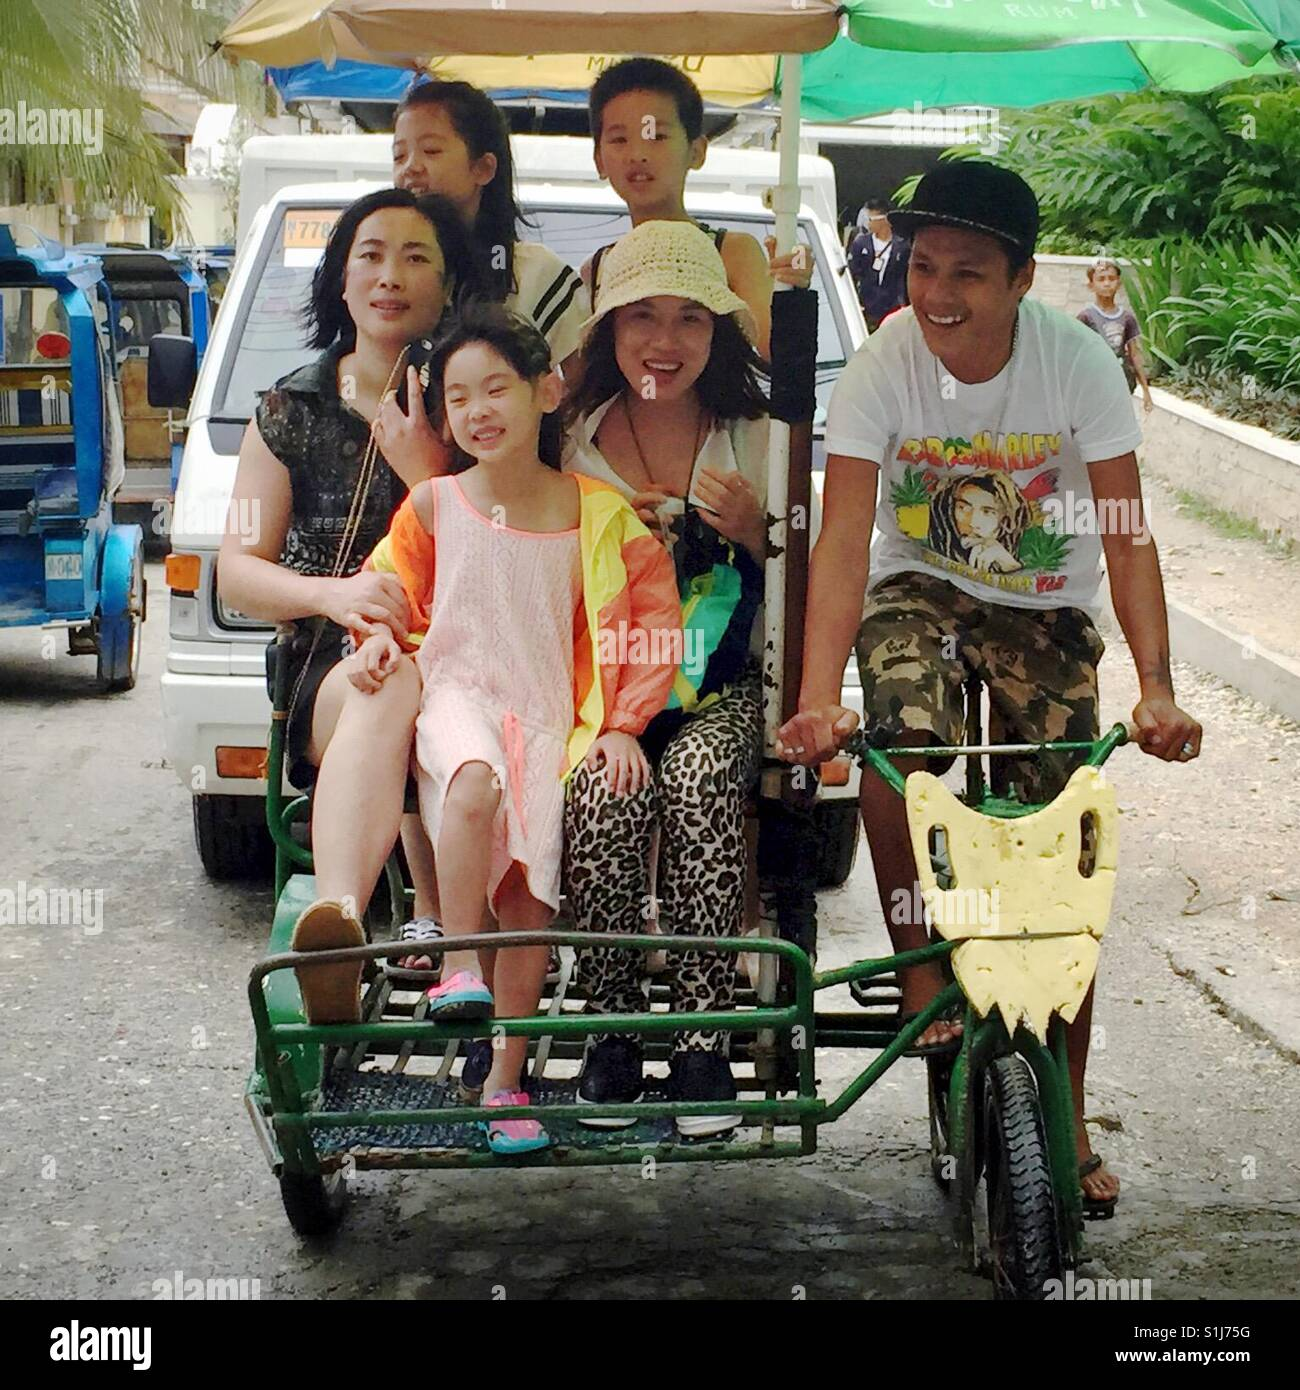 Gruppe von fröhlichen Menschen Reiten auf einem Trike in Philippinen Stockbild